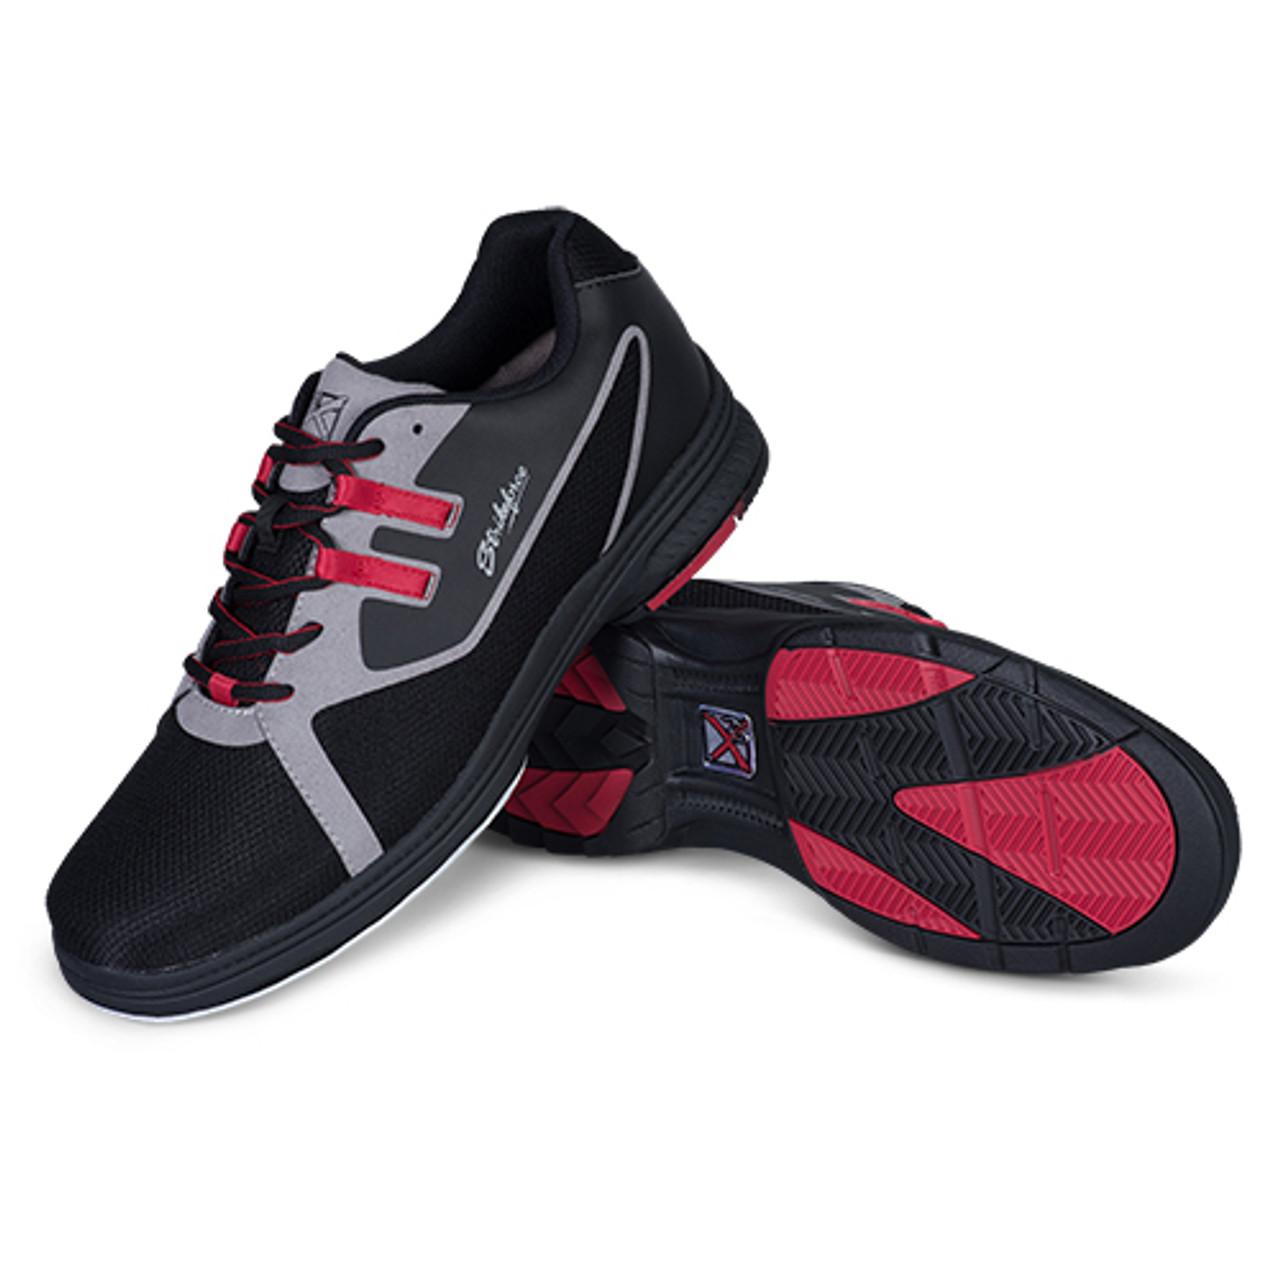 KR Strikeforce Mens Ignite Bowling Shoes Black/Grey/Red Left Handed